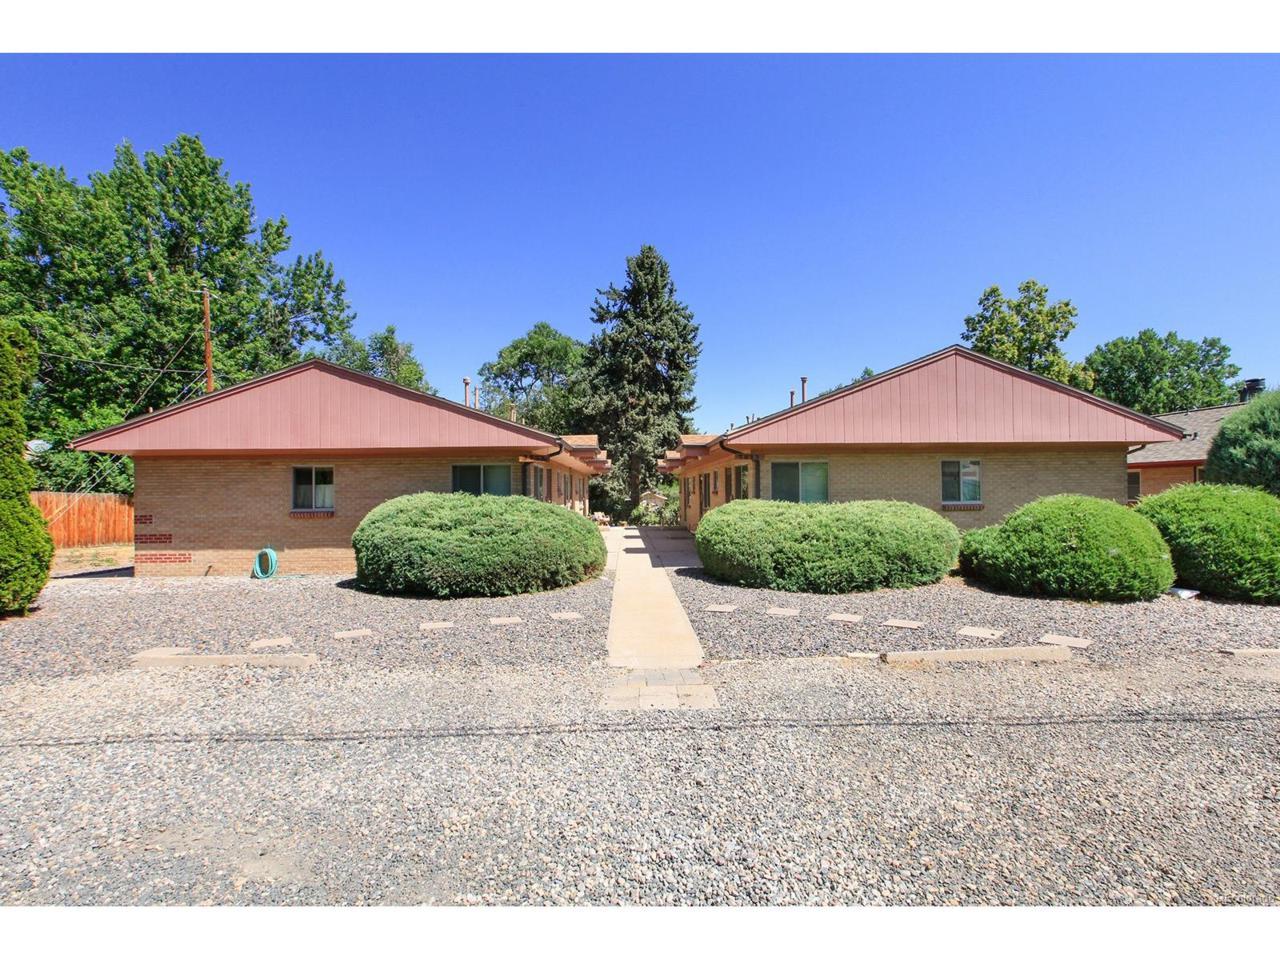 7025 W 36th Avenue, Wheat Ridge, CO 80033 (MLS #4086500) :: 8z Real Estate